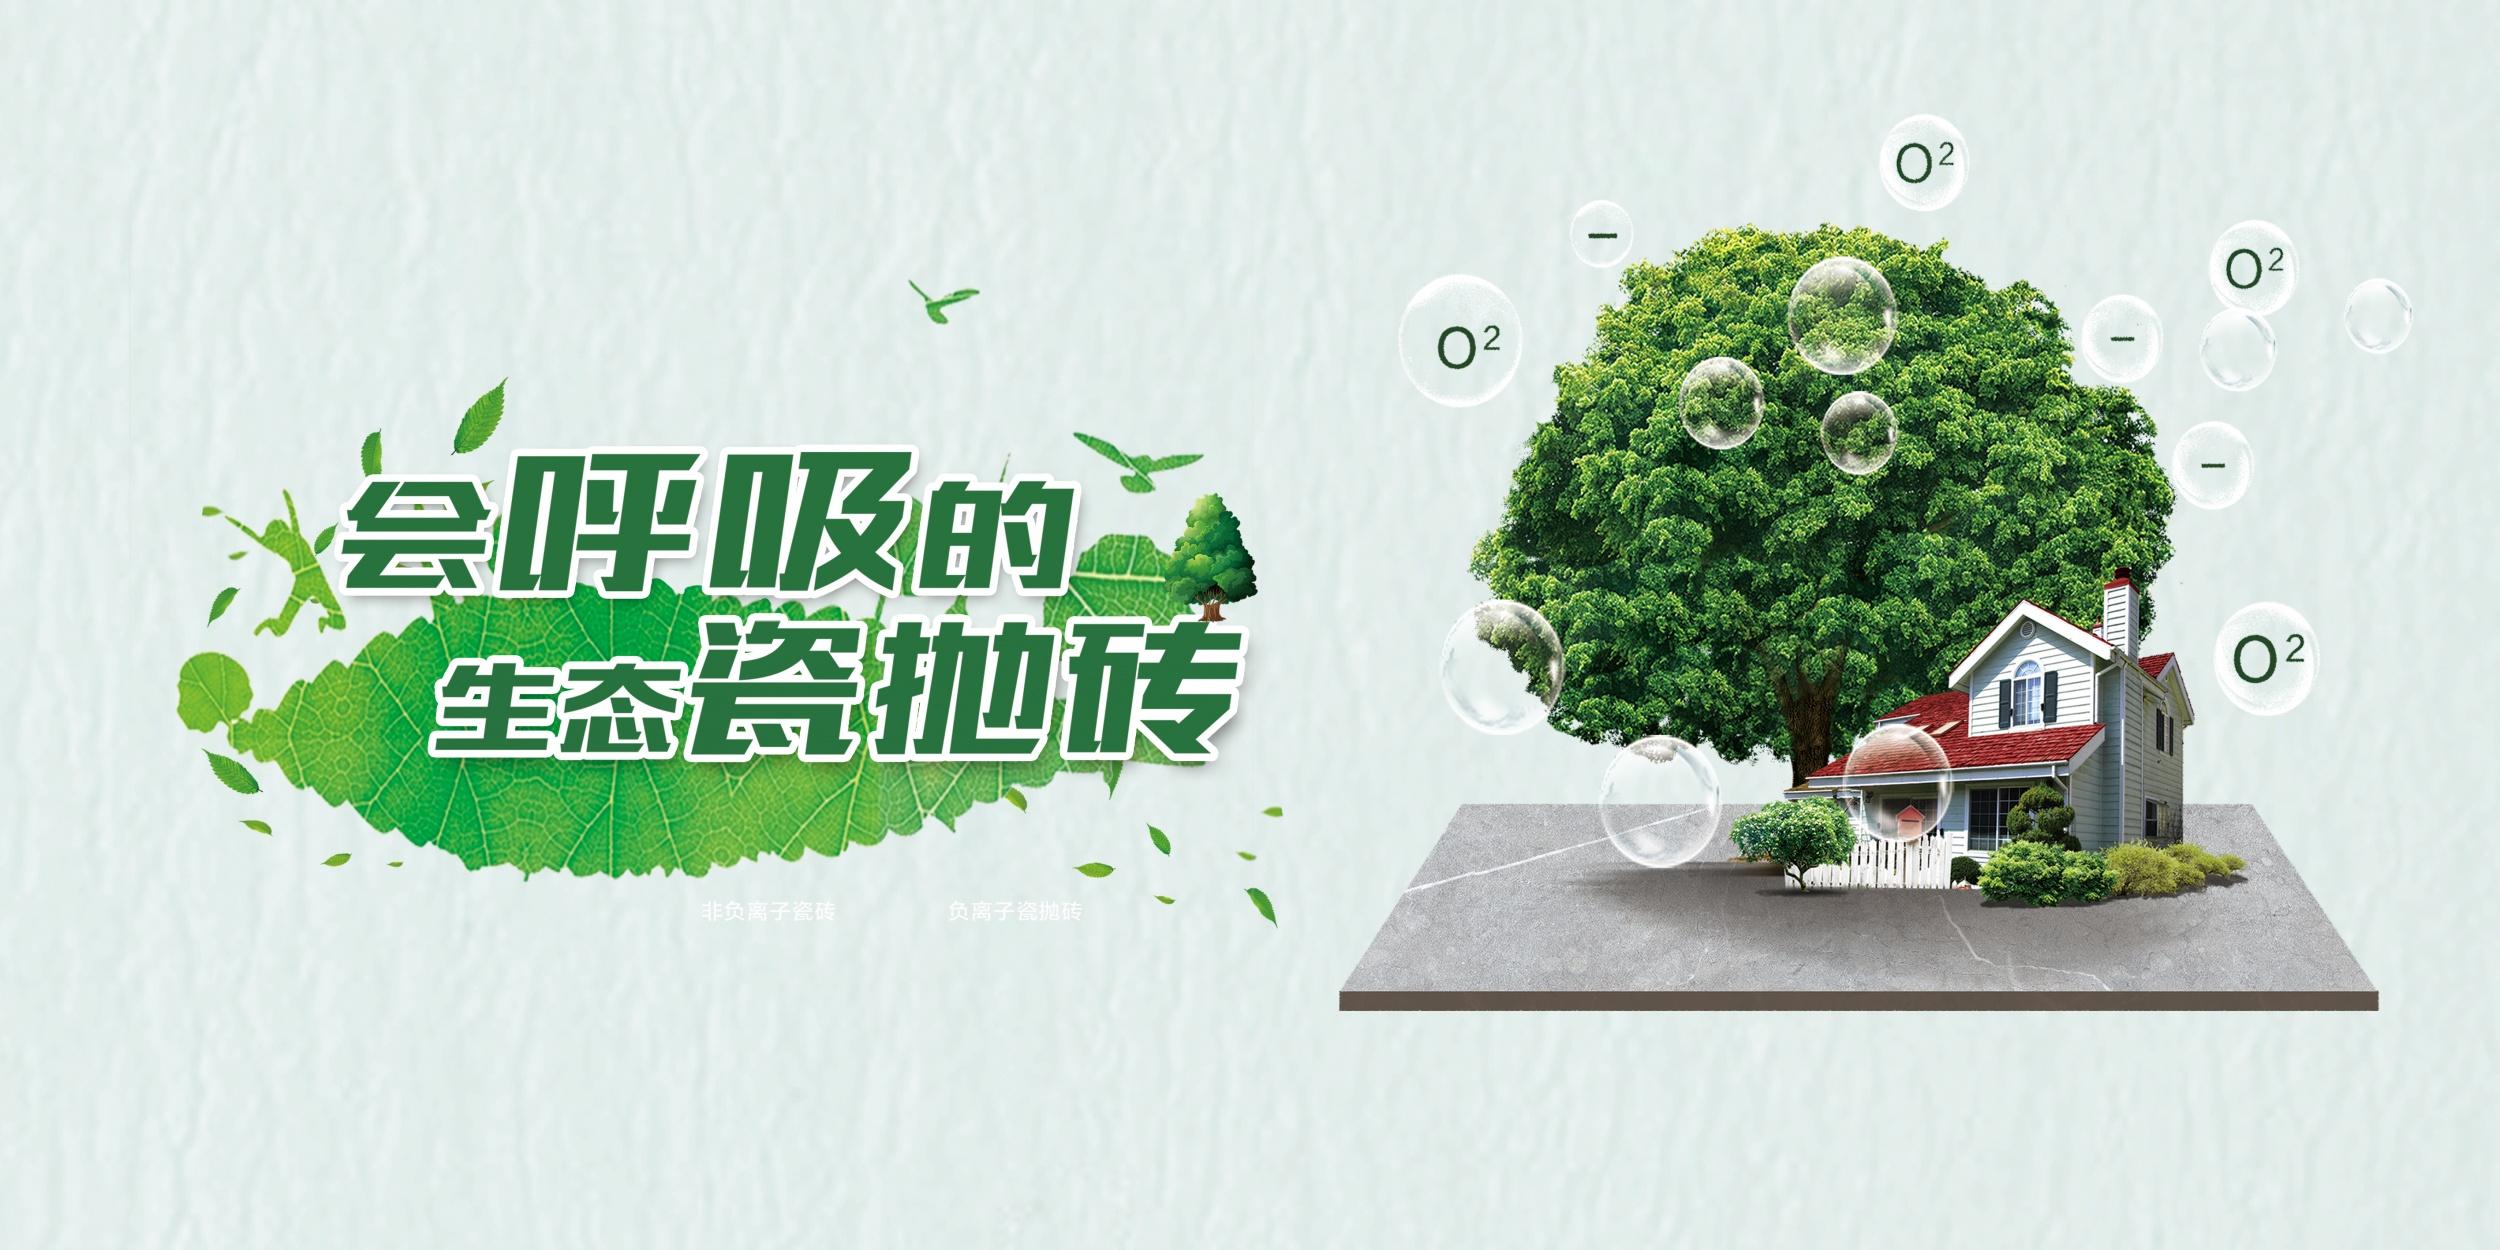 广维生态瓷抛砖